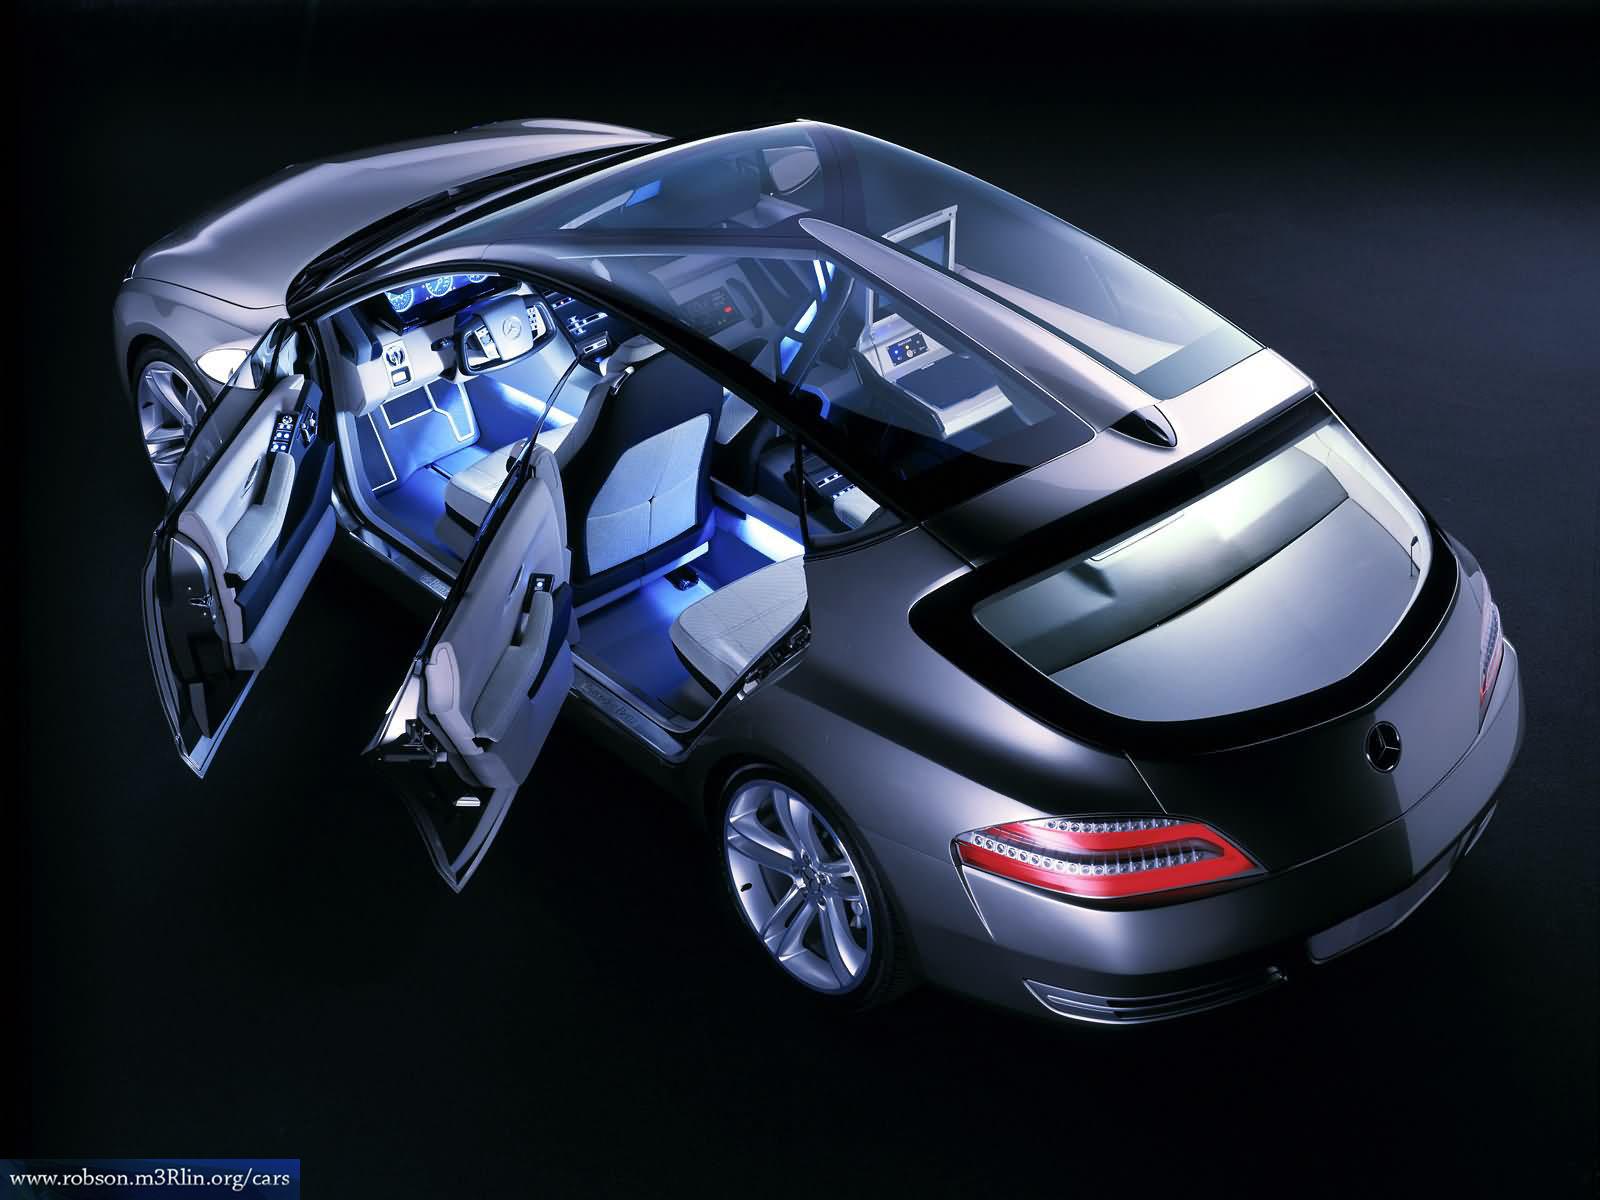 Mercedes-Benz F500 Concept Car